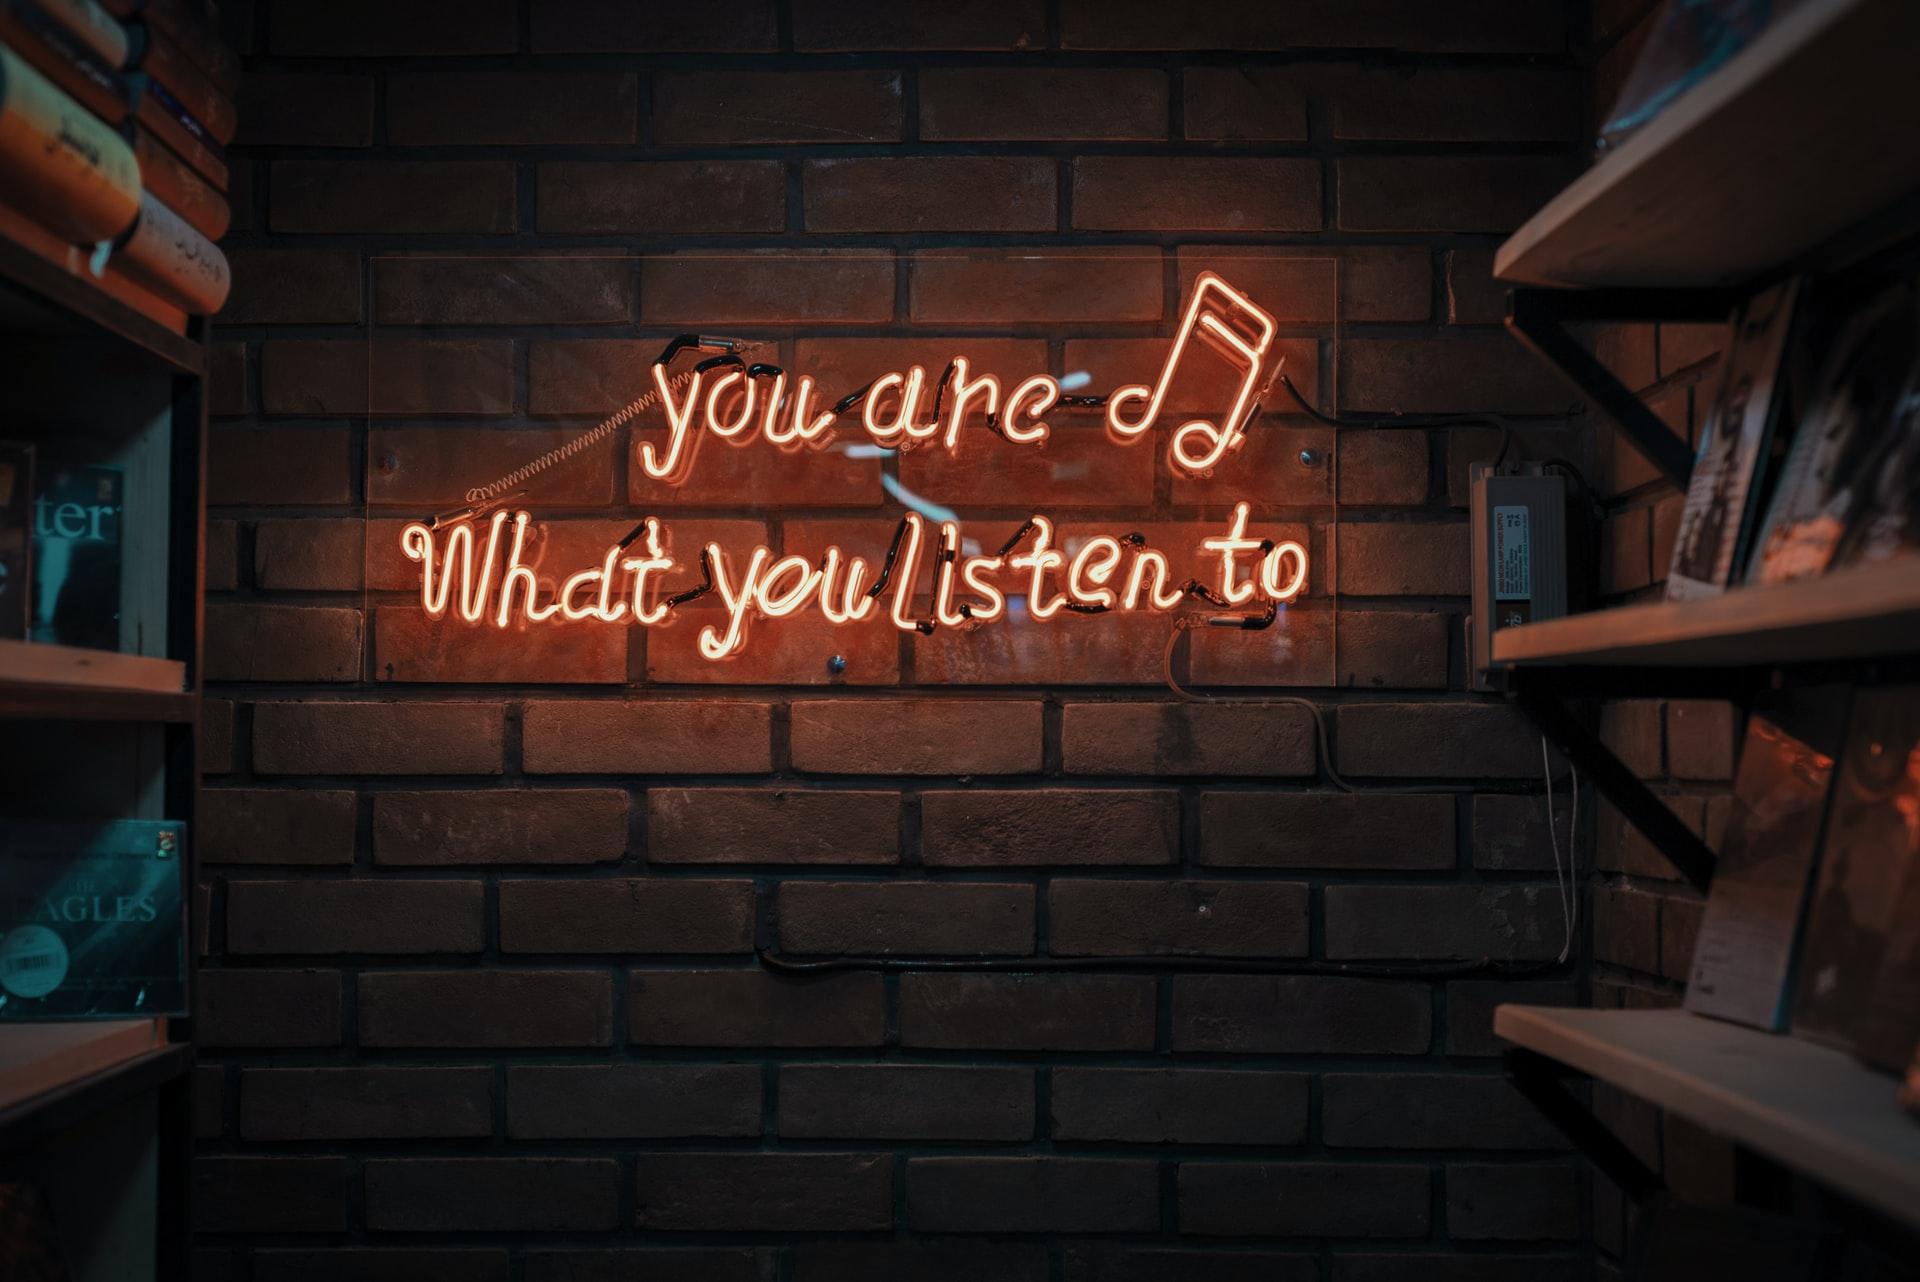 Musica gratis? Per te 3 mesi di Amazon Music Unlimited gratuiti e di qualità!